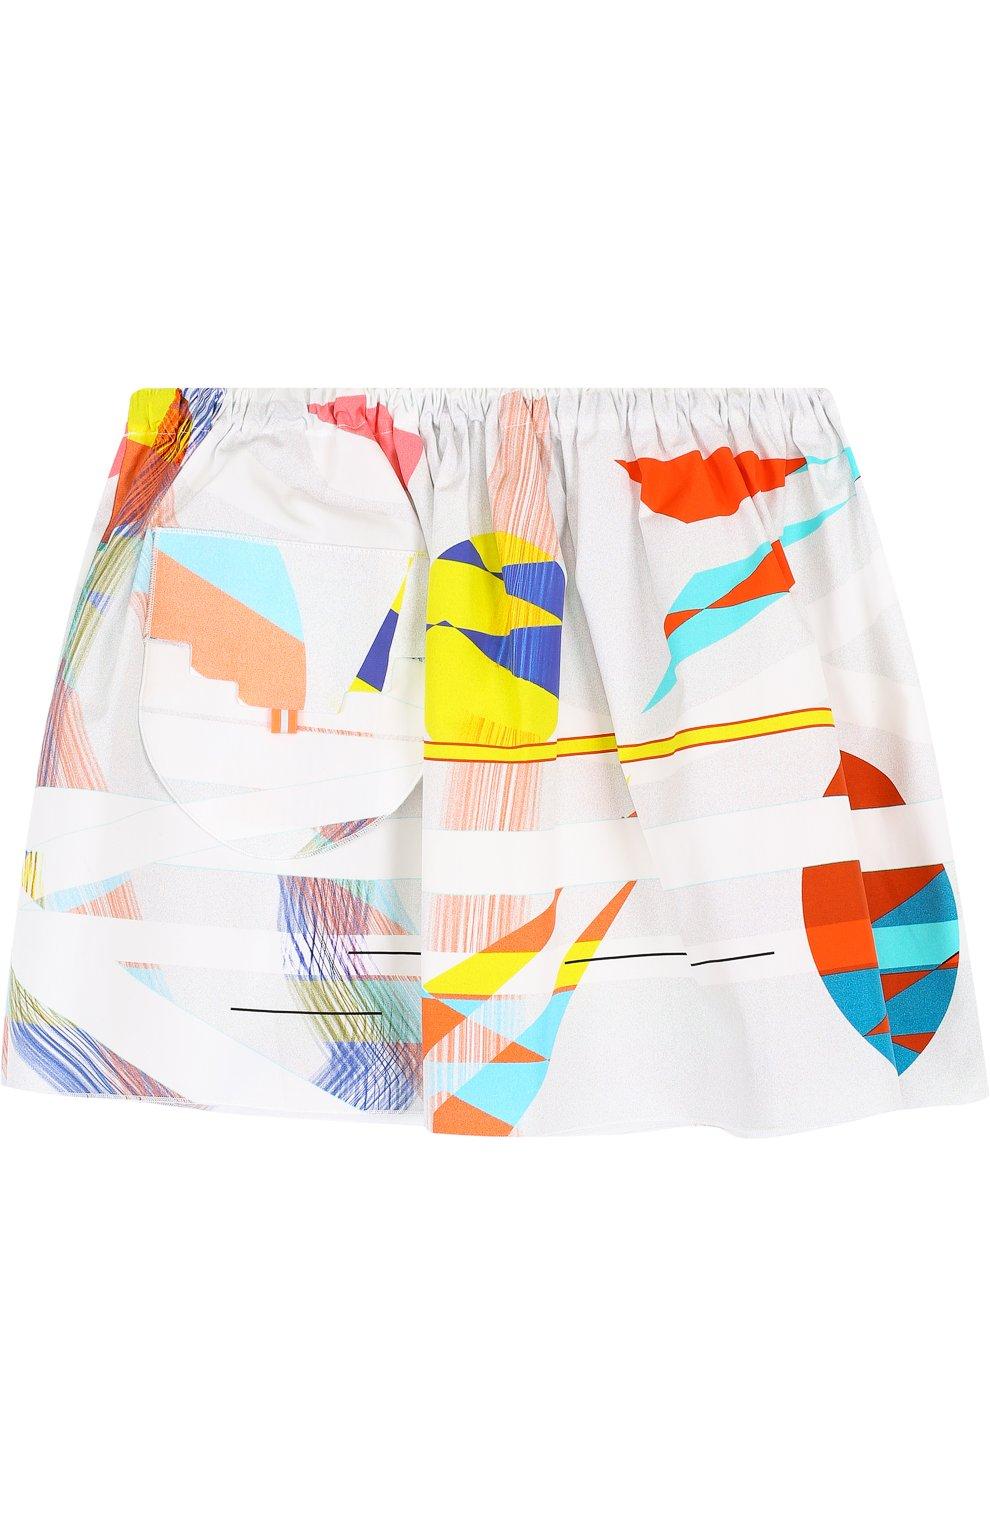 Хлопковая мини-юбка свободного кроя с накладным карманом   Фото №1